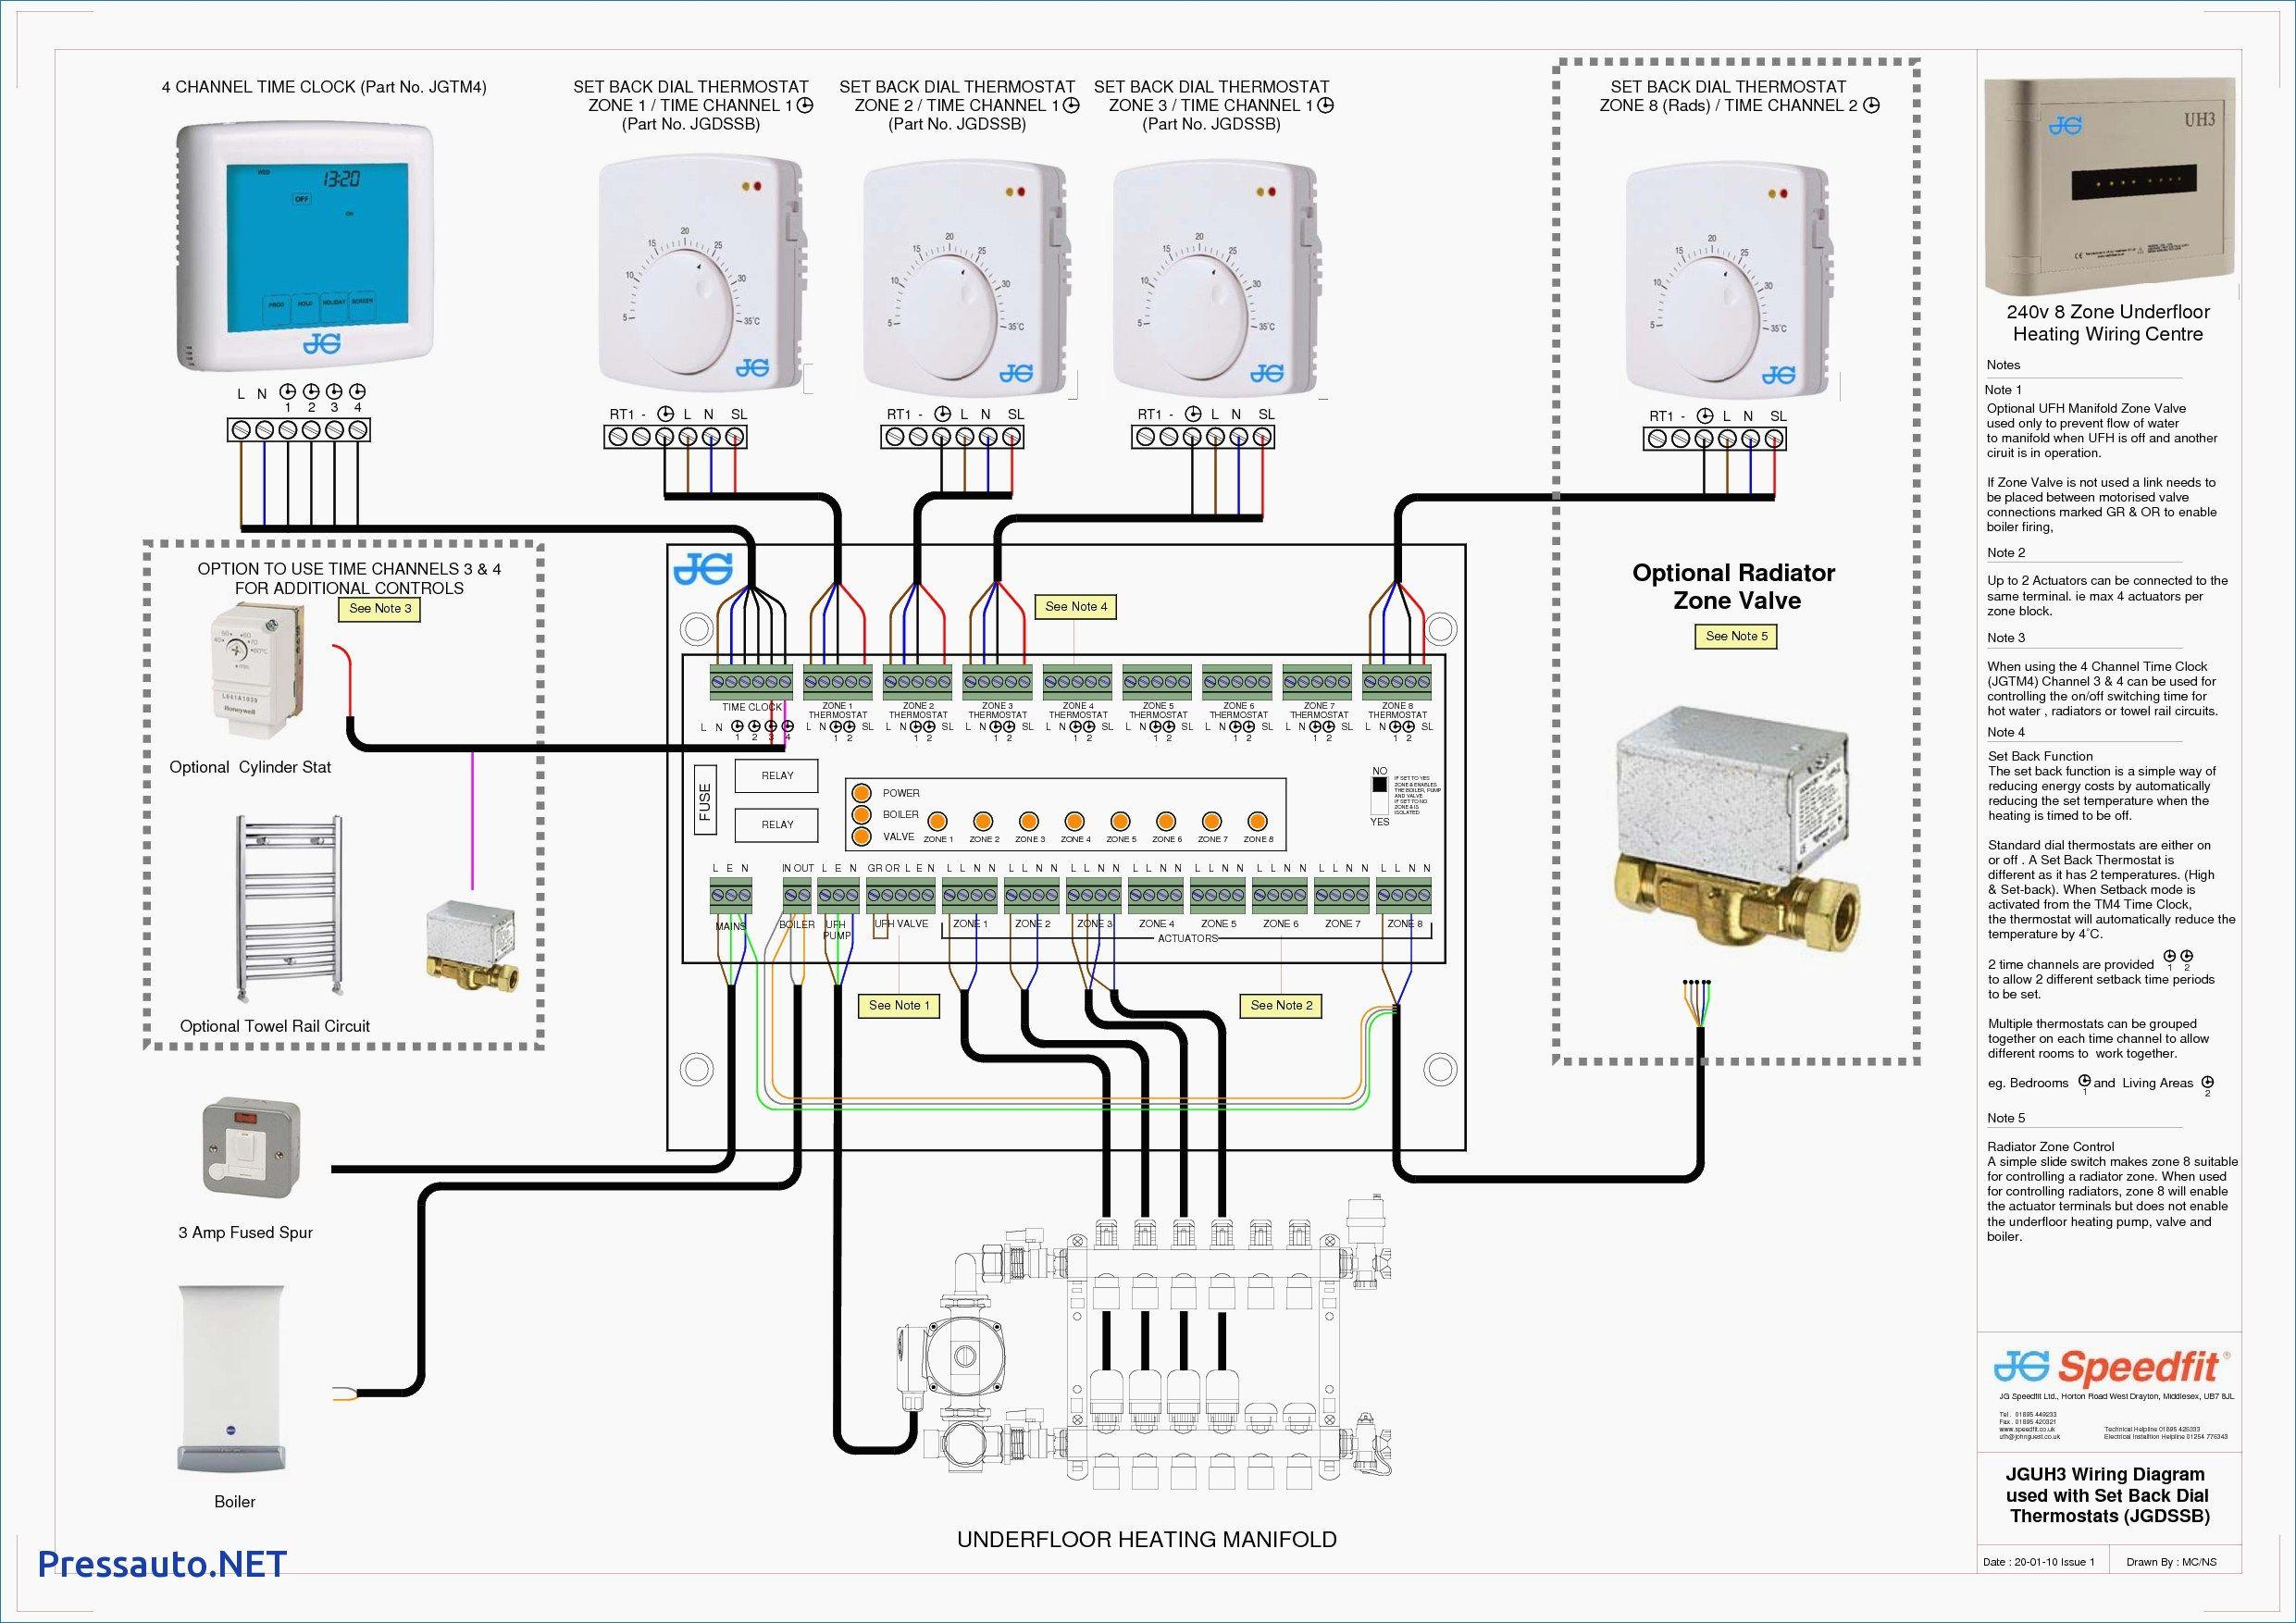 Speedfit Underfloor Heating Wiring Diagram Me And